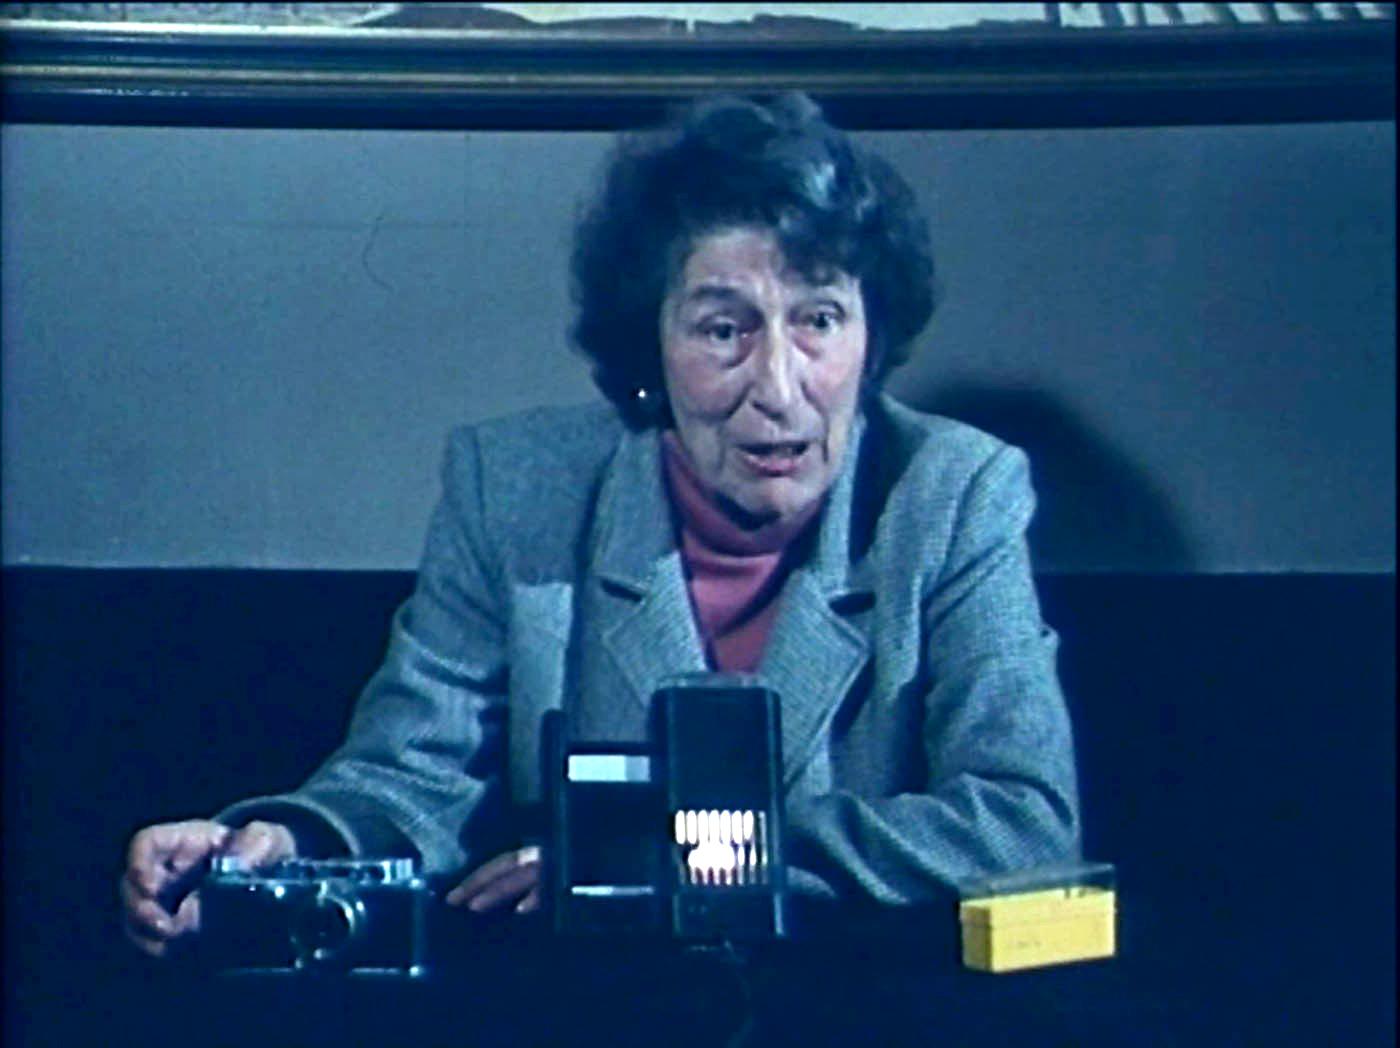 Photogramme de Photographie et société, d'après Gisèle Freund, de Teri Wehn-Damisch, 1983 (2x24 minutes)